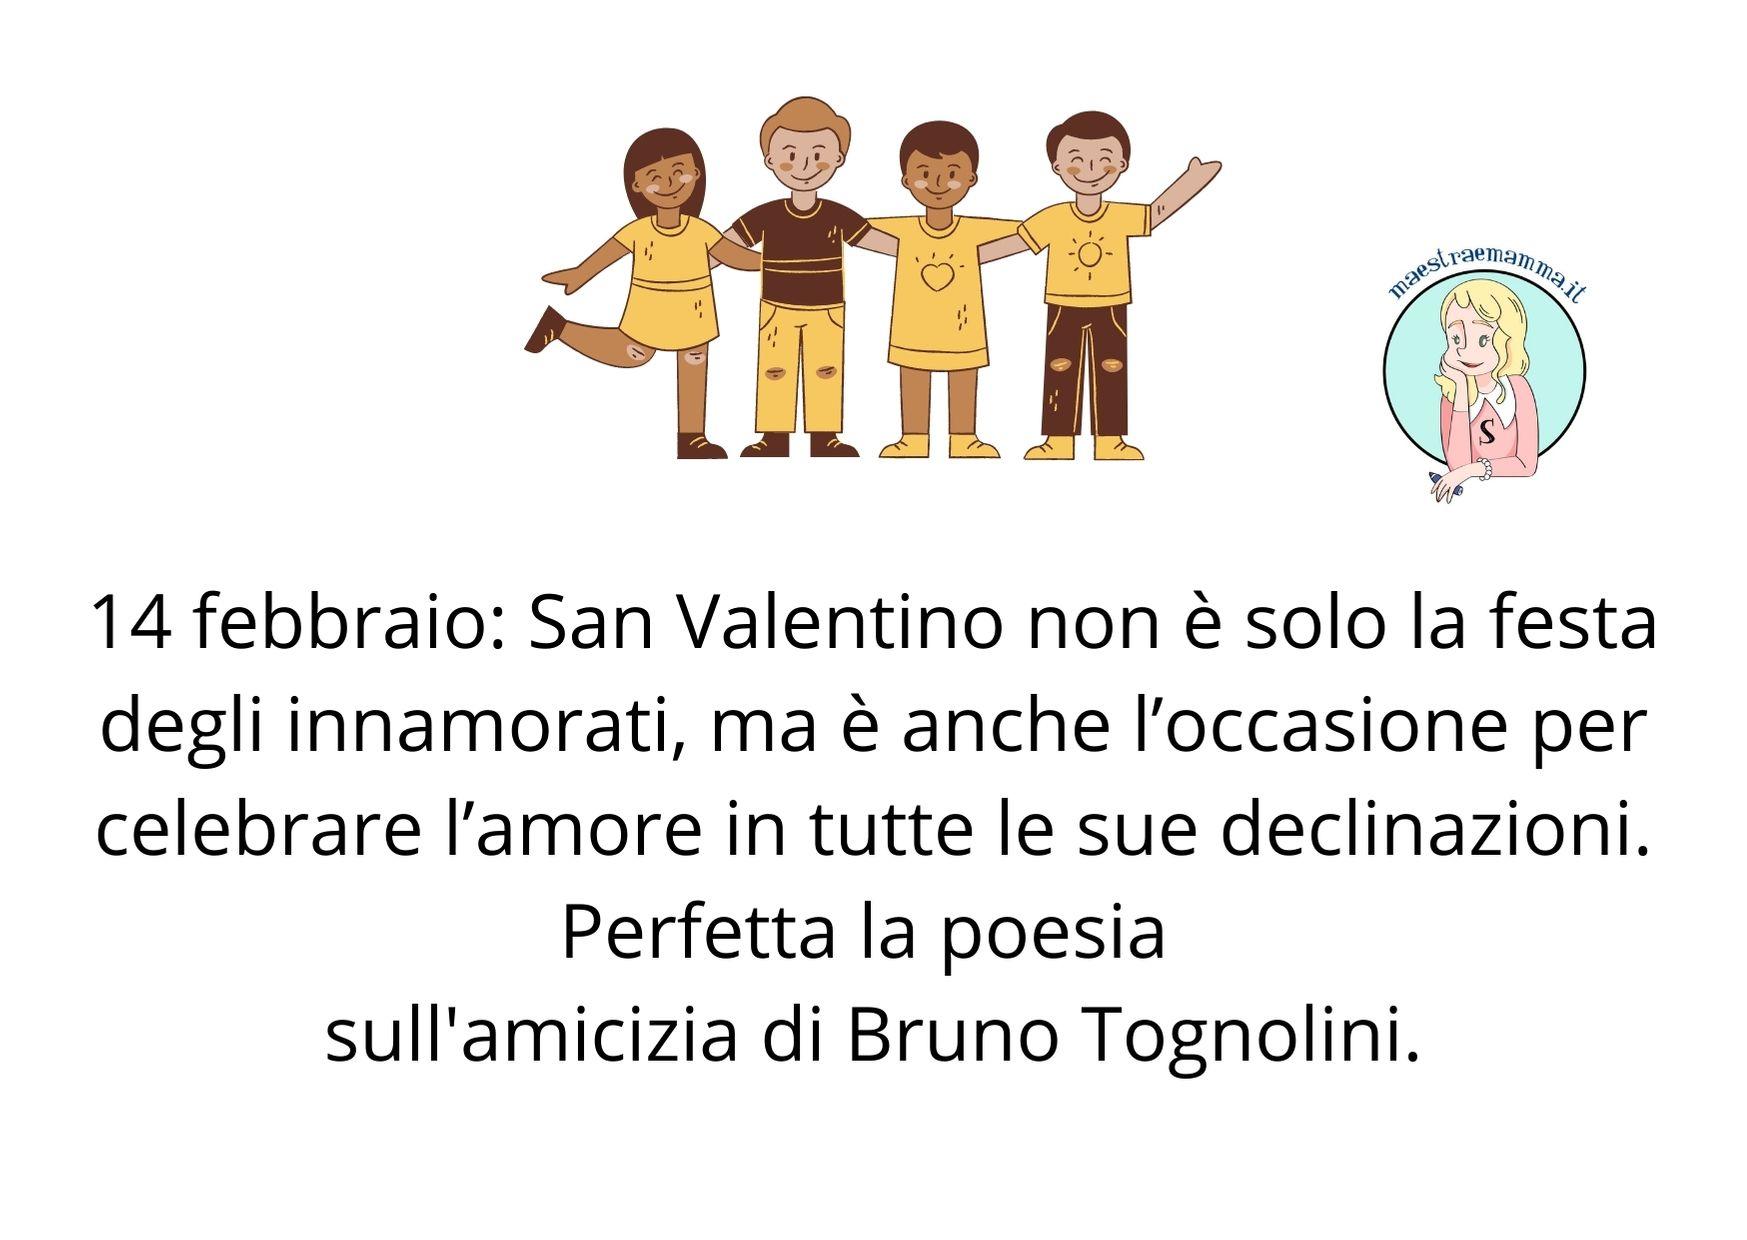 Poesia di San Valentino per bambini